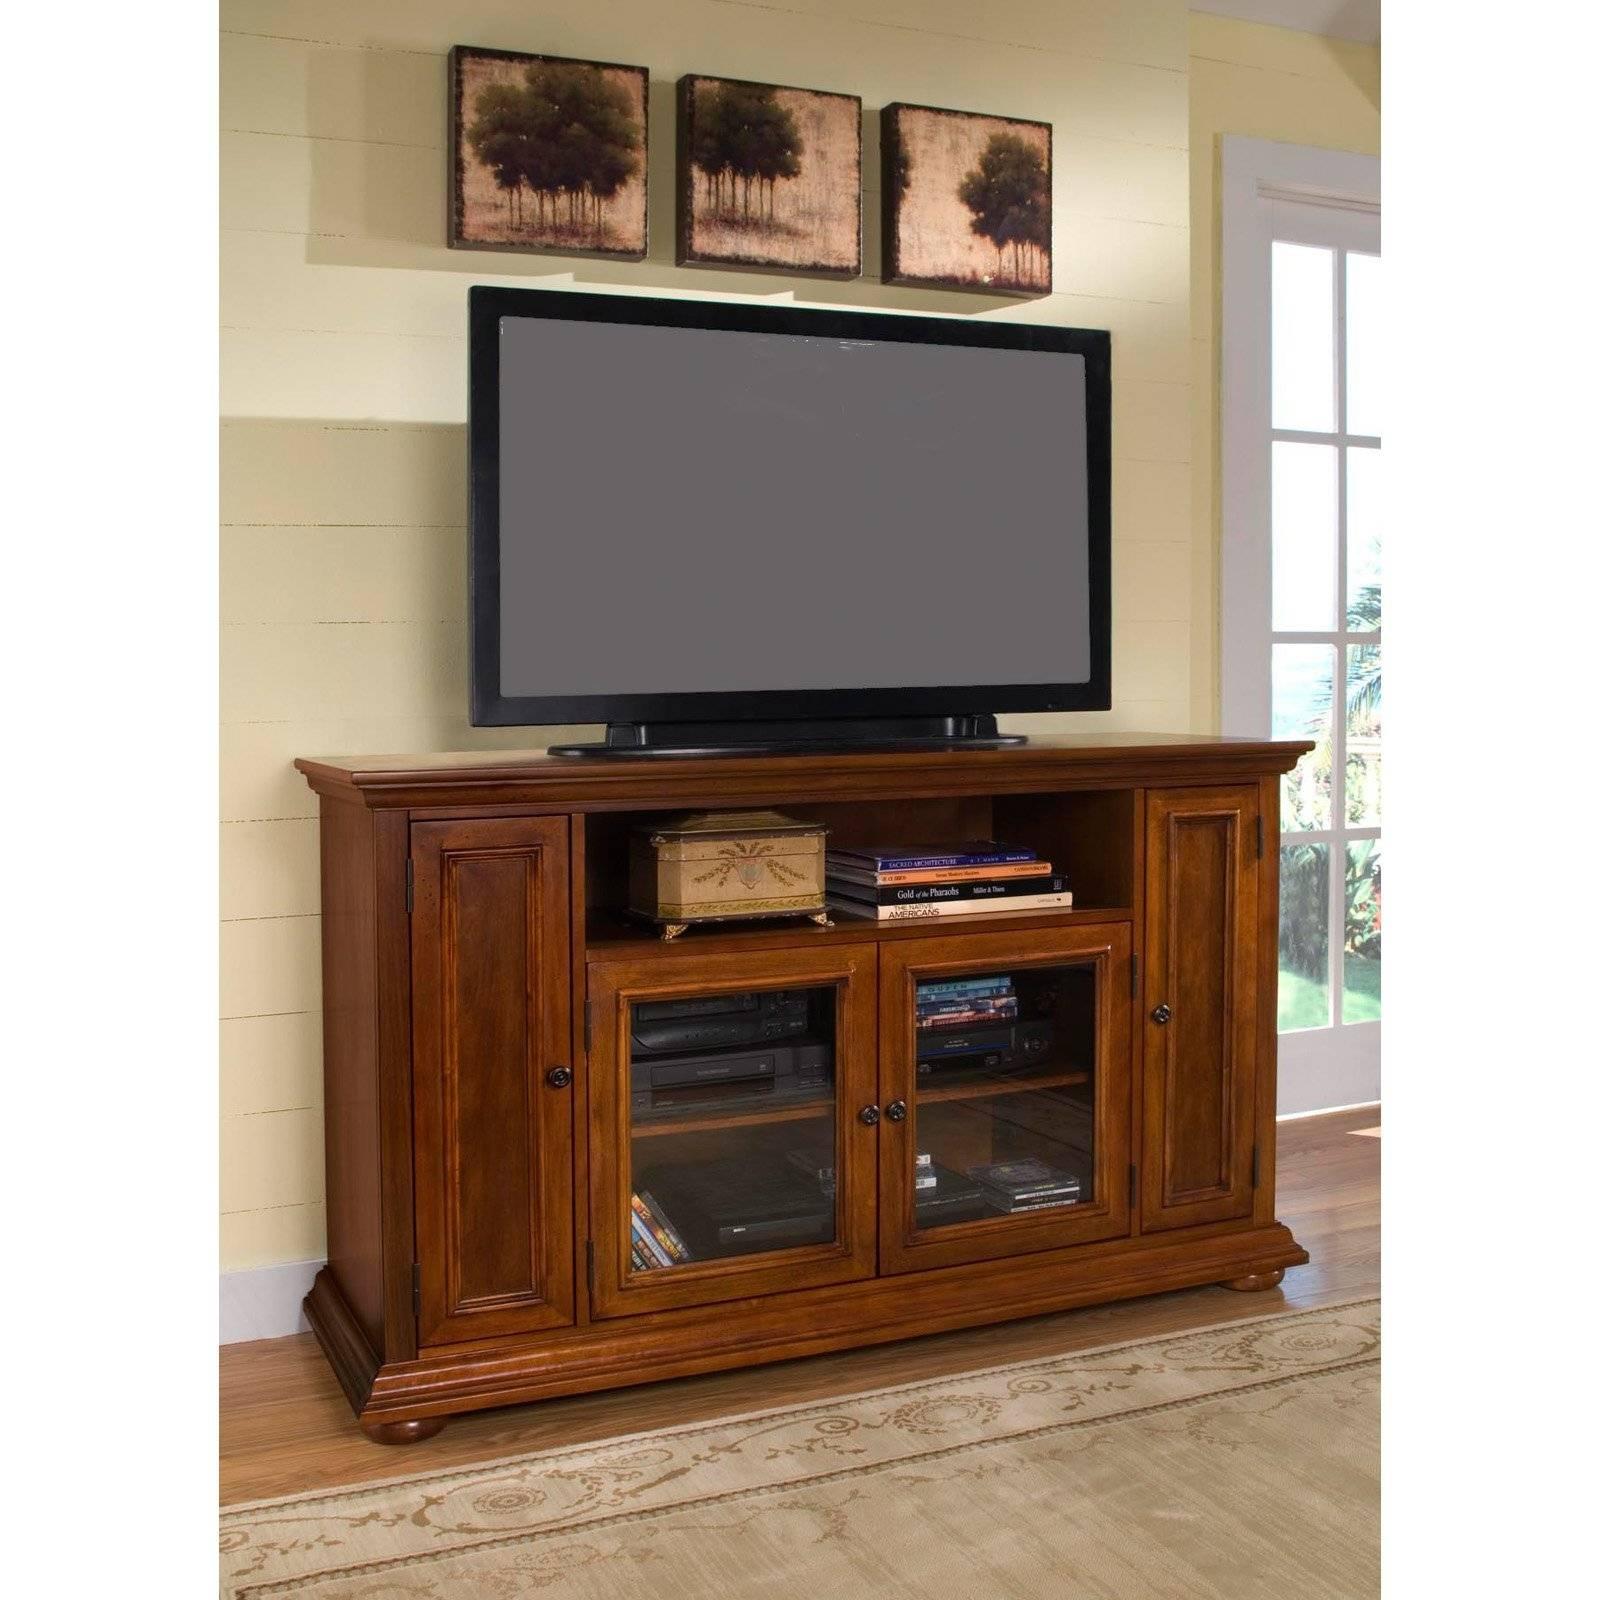 Oak Corner Tv Cabinets For Flat Screens | Memsaheb Inside Corner Oak Tv Stands For Flat Screen (View 2 of 15)